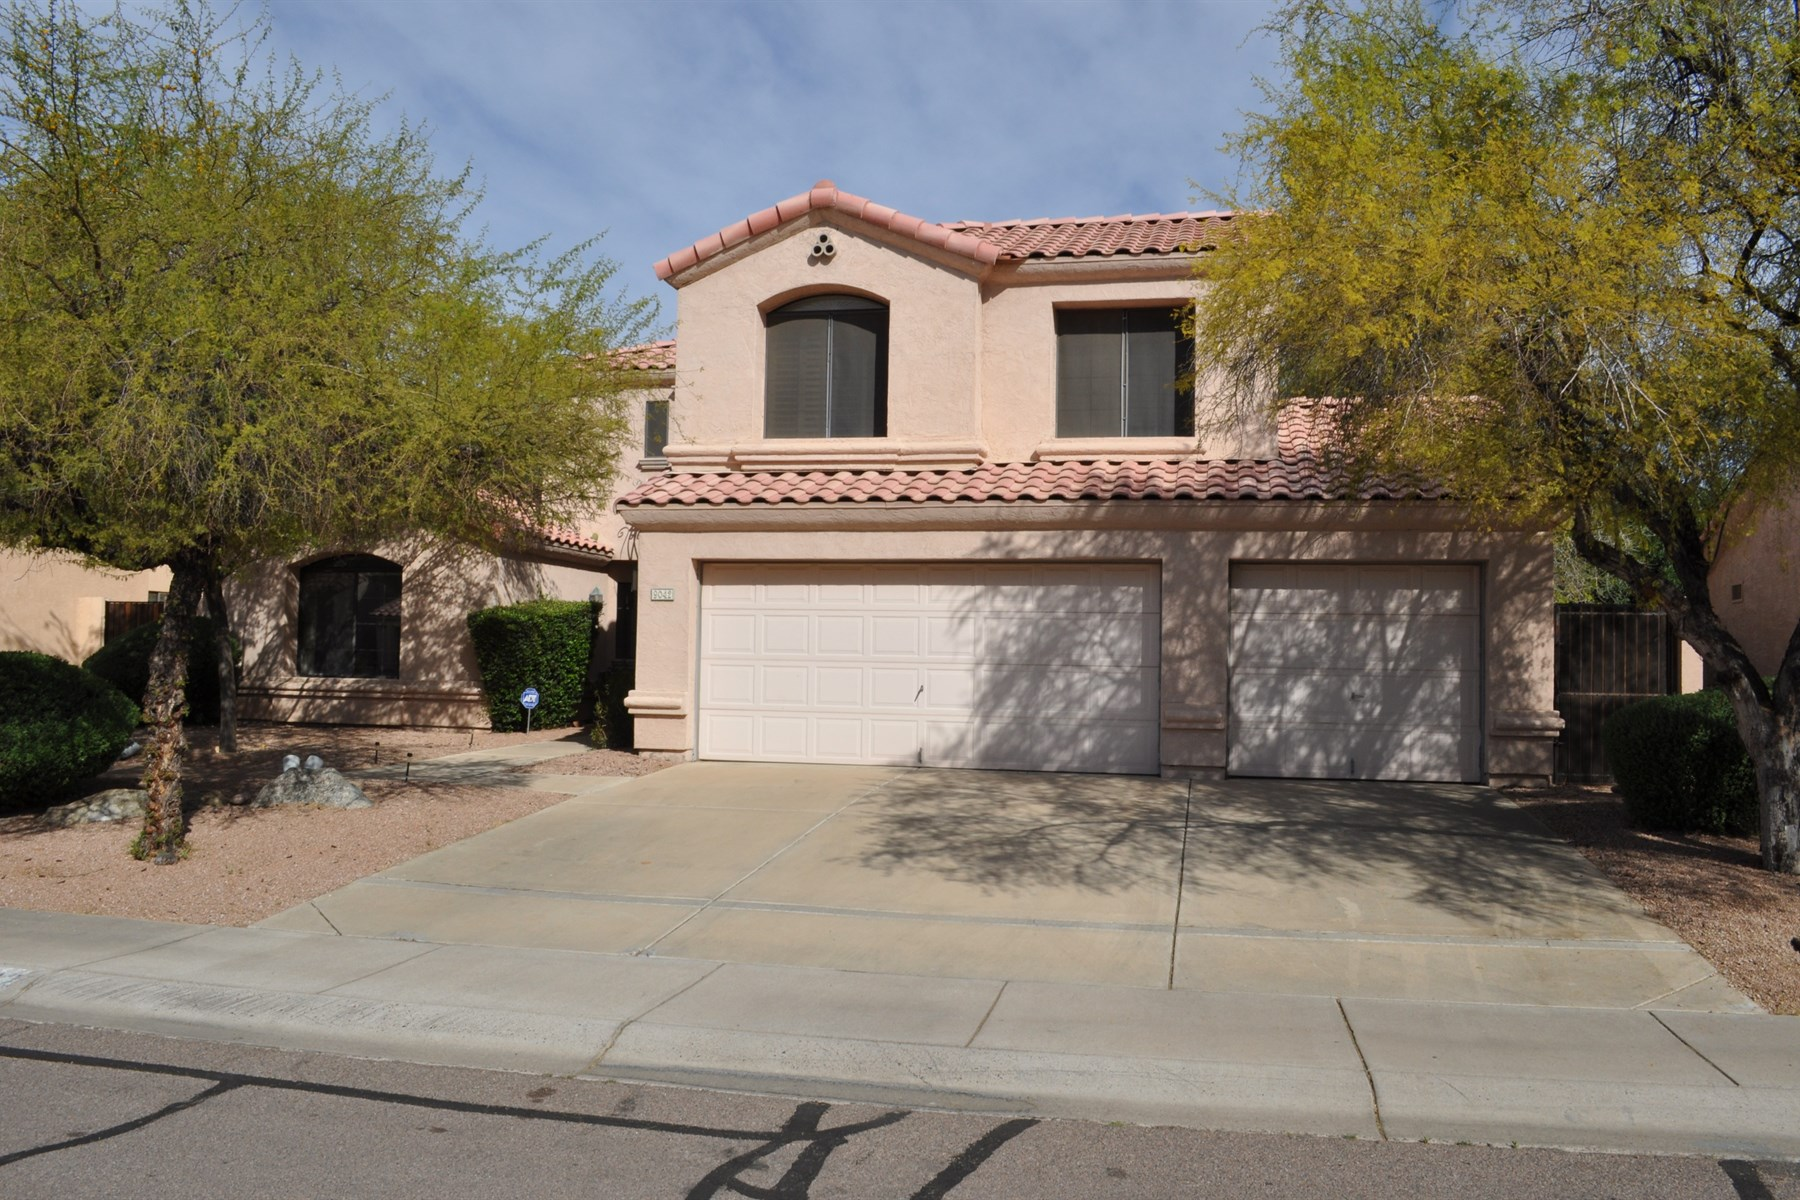 Maison unifamiliale pour l Vente à Beautiful Home for Entertaining in Scottsdale 9042 E Caribbean Lane Scottsdale, Arizona 85260 États-Unis